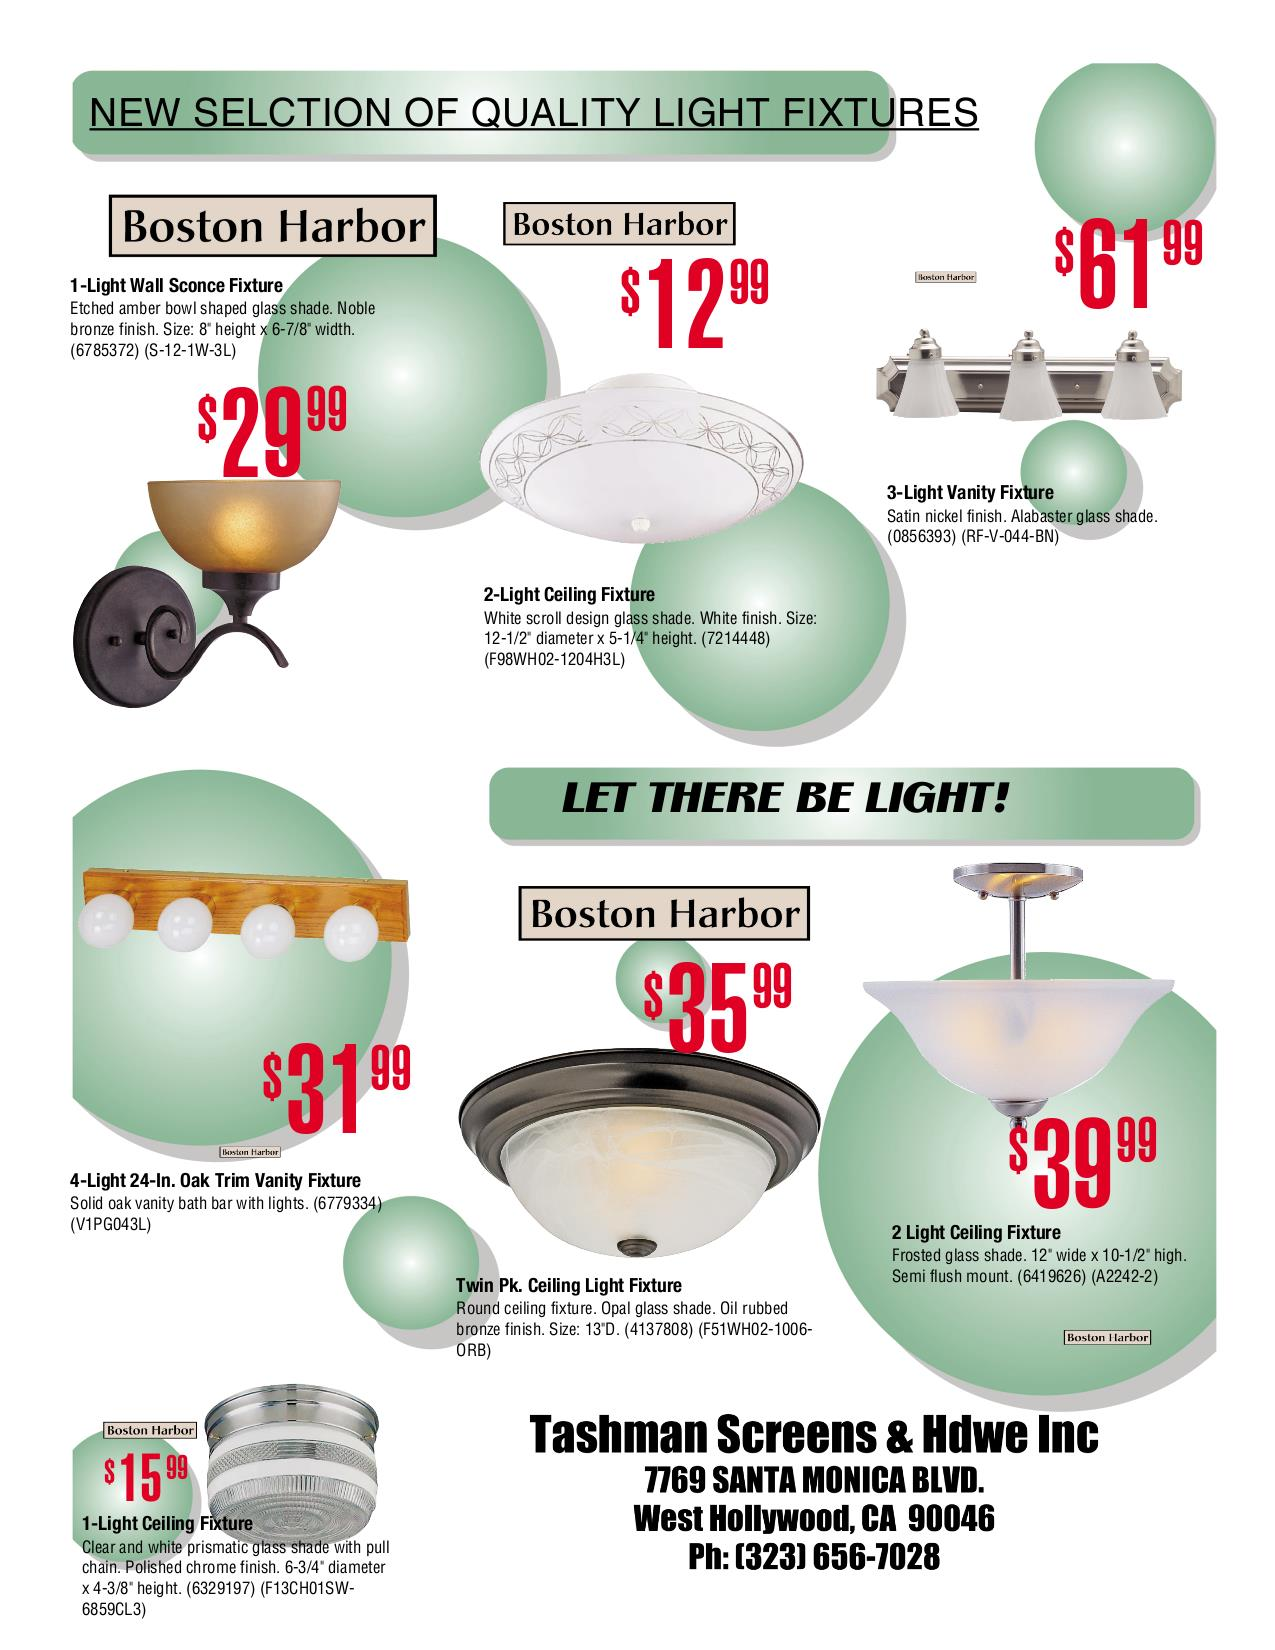 Wonderful range of stylish light fixtures at Tashmans | Tashman Home ...